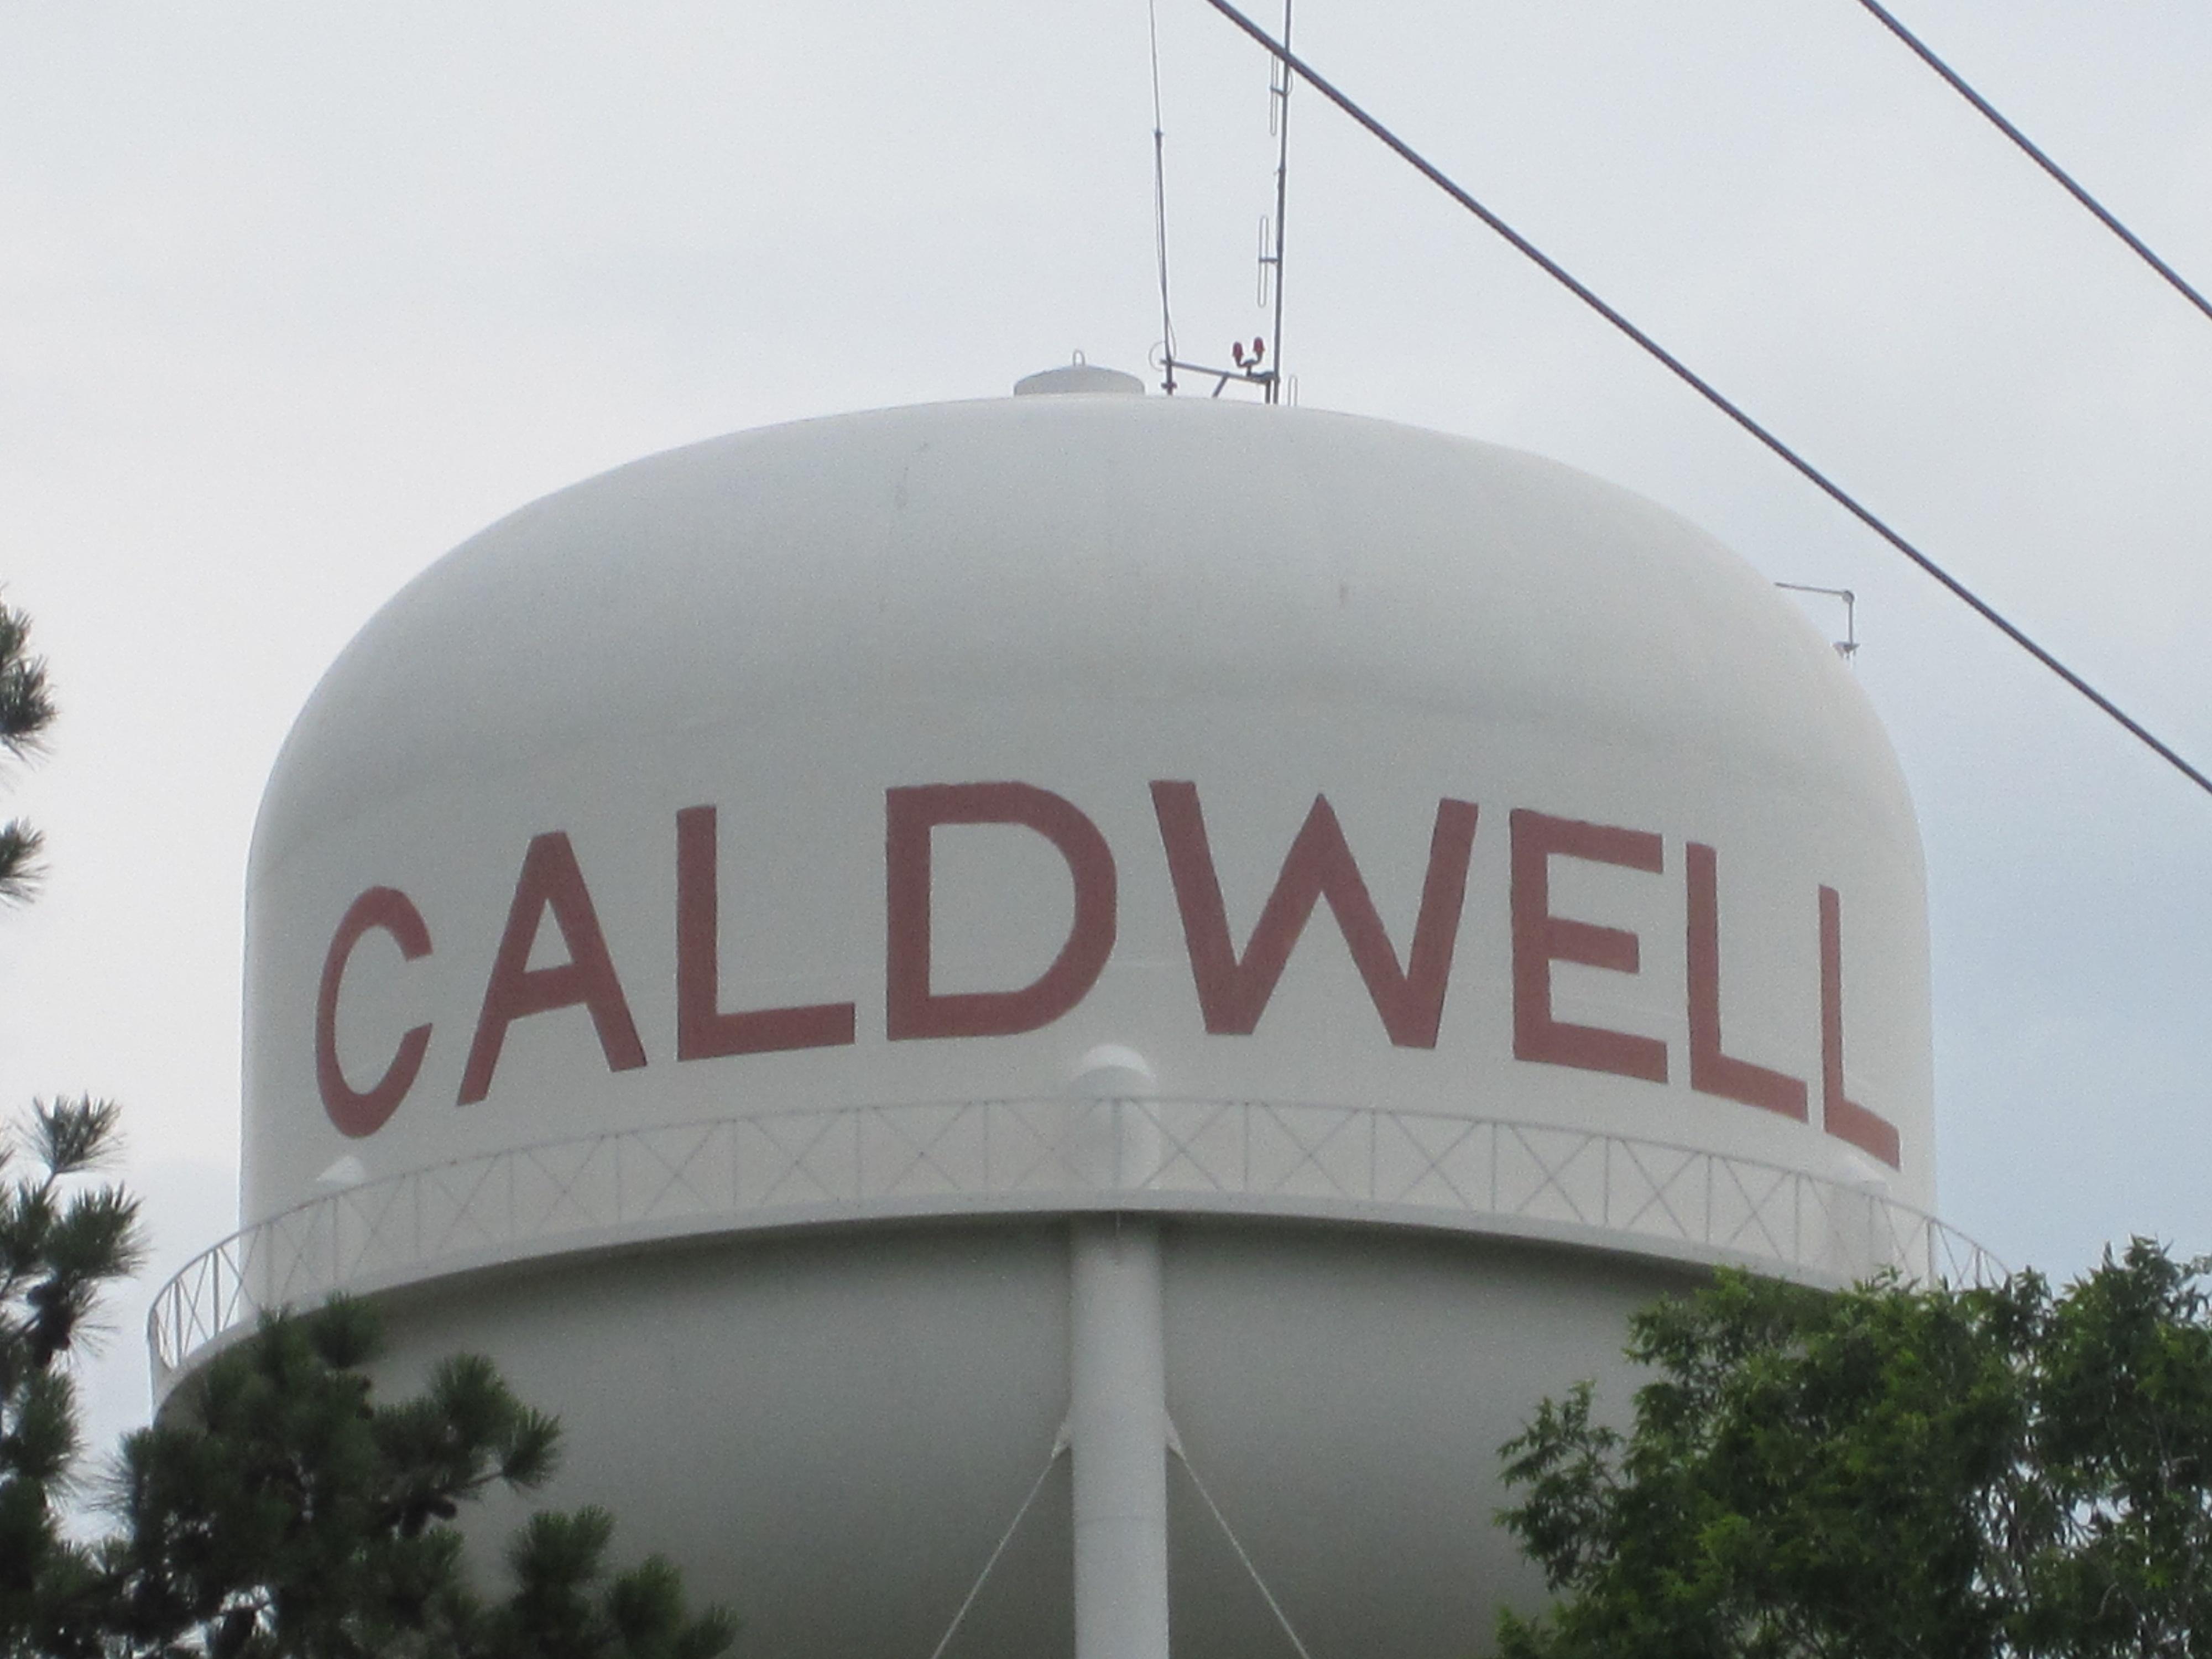 File:Caldwell, TX water tower IMG 3271.JPG